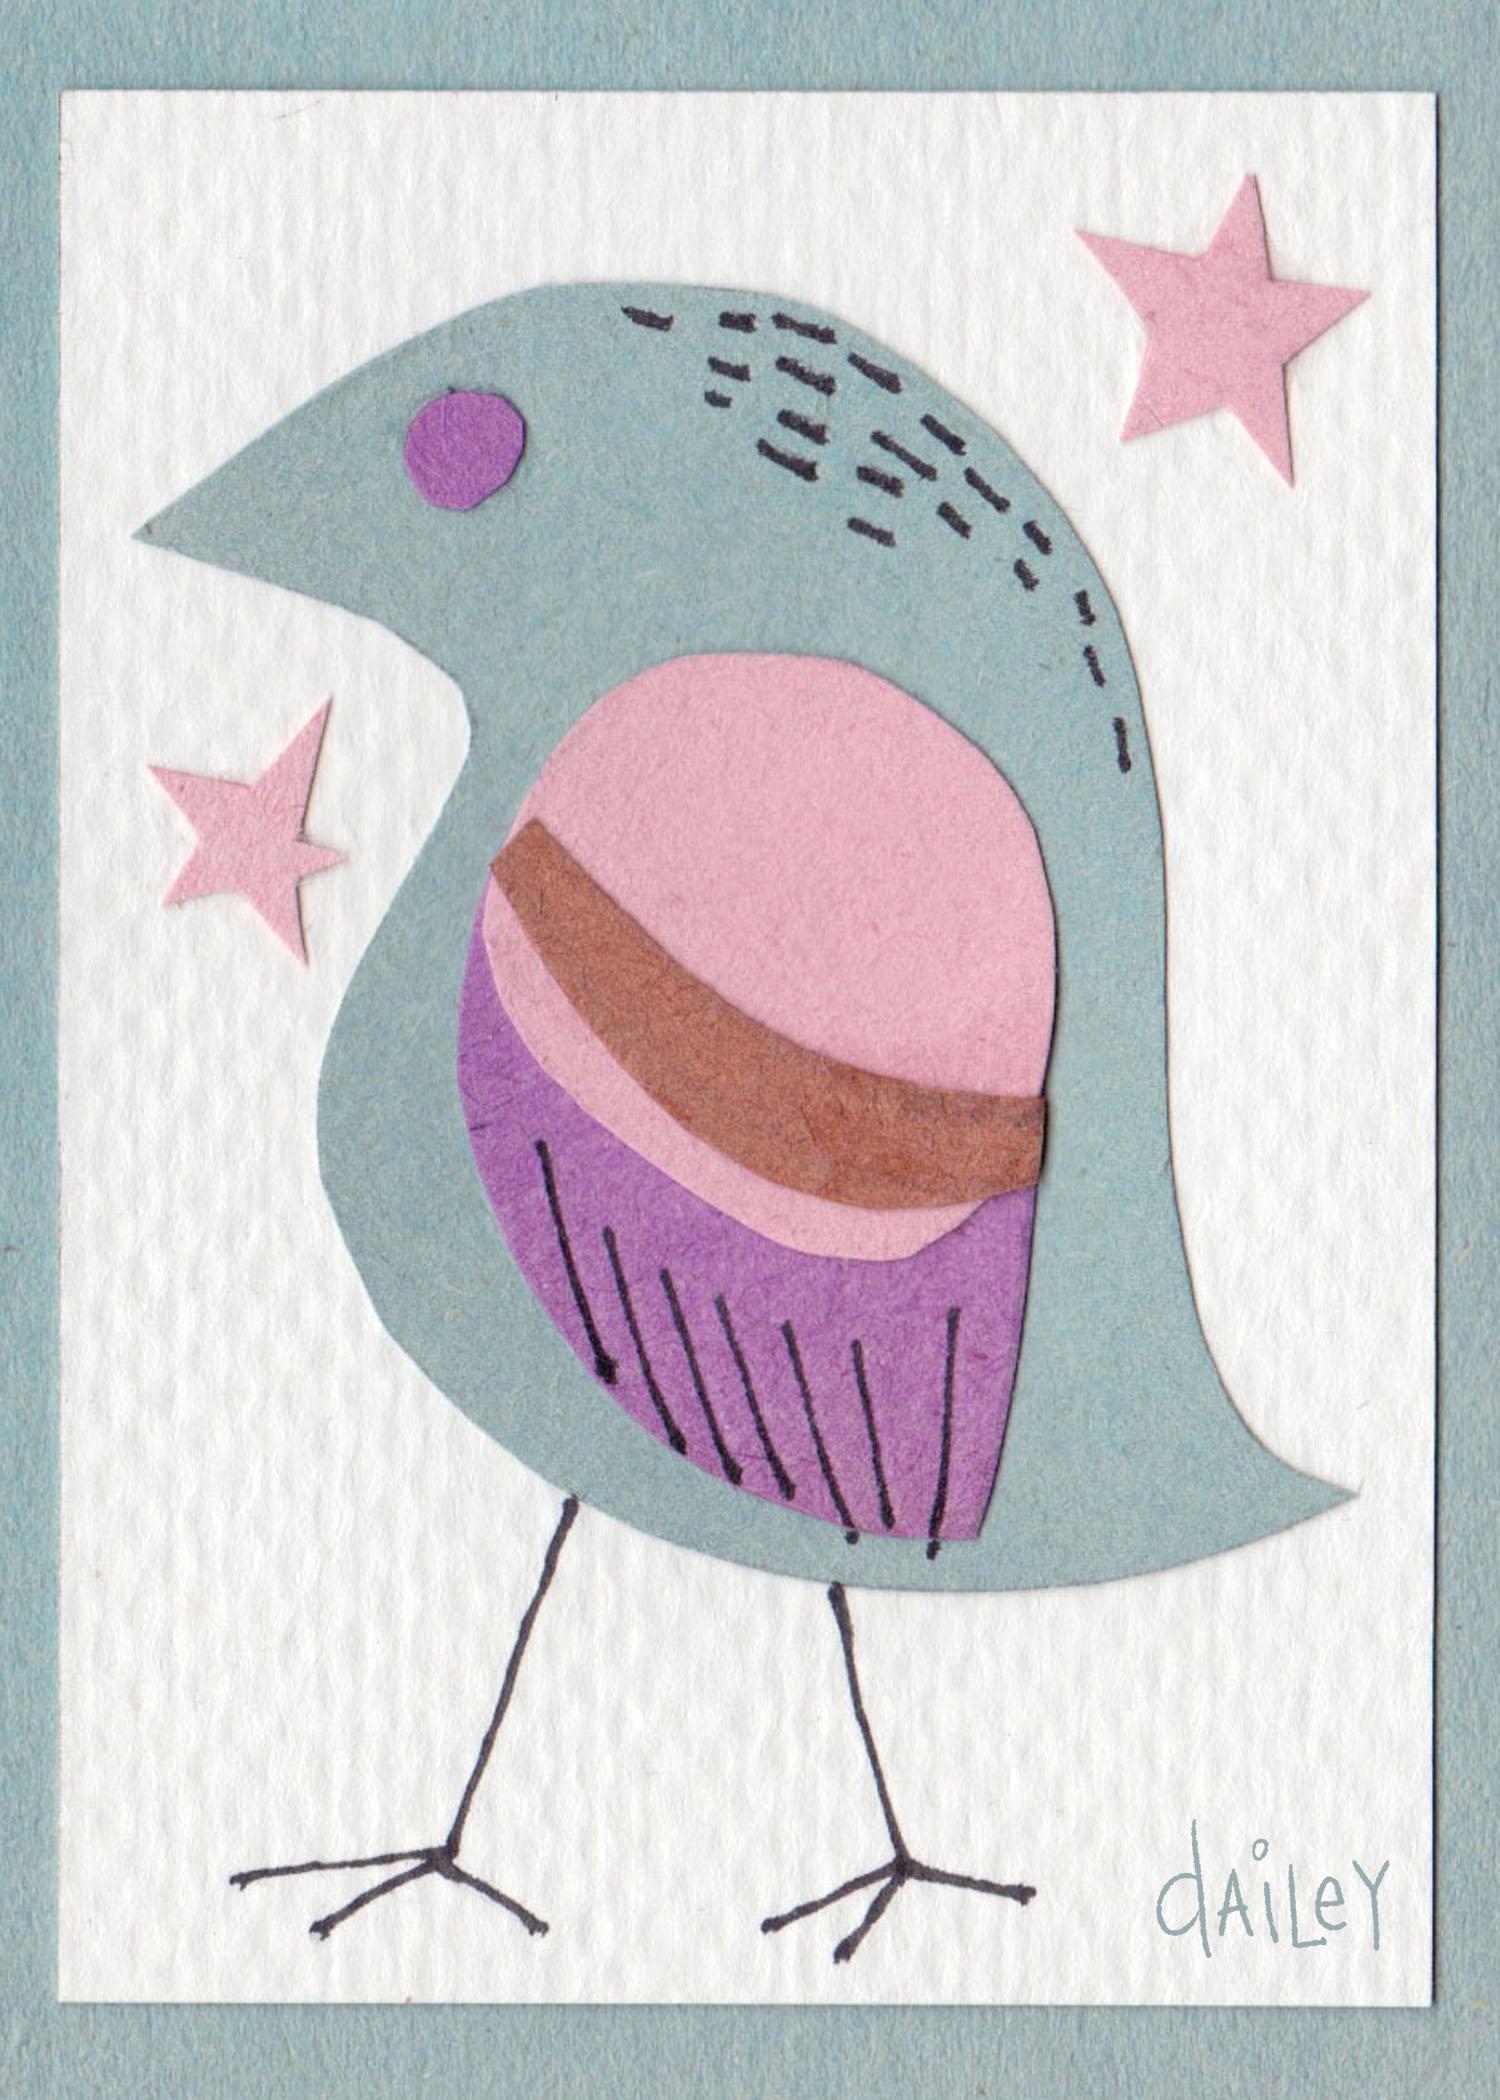 BirdCollage_CaitlynDailey.jpg